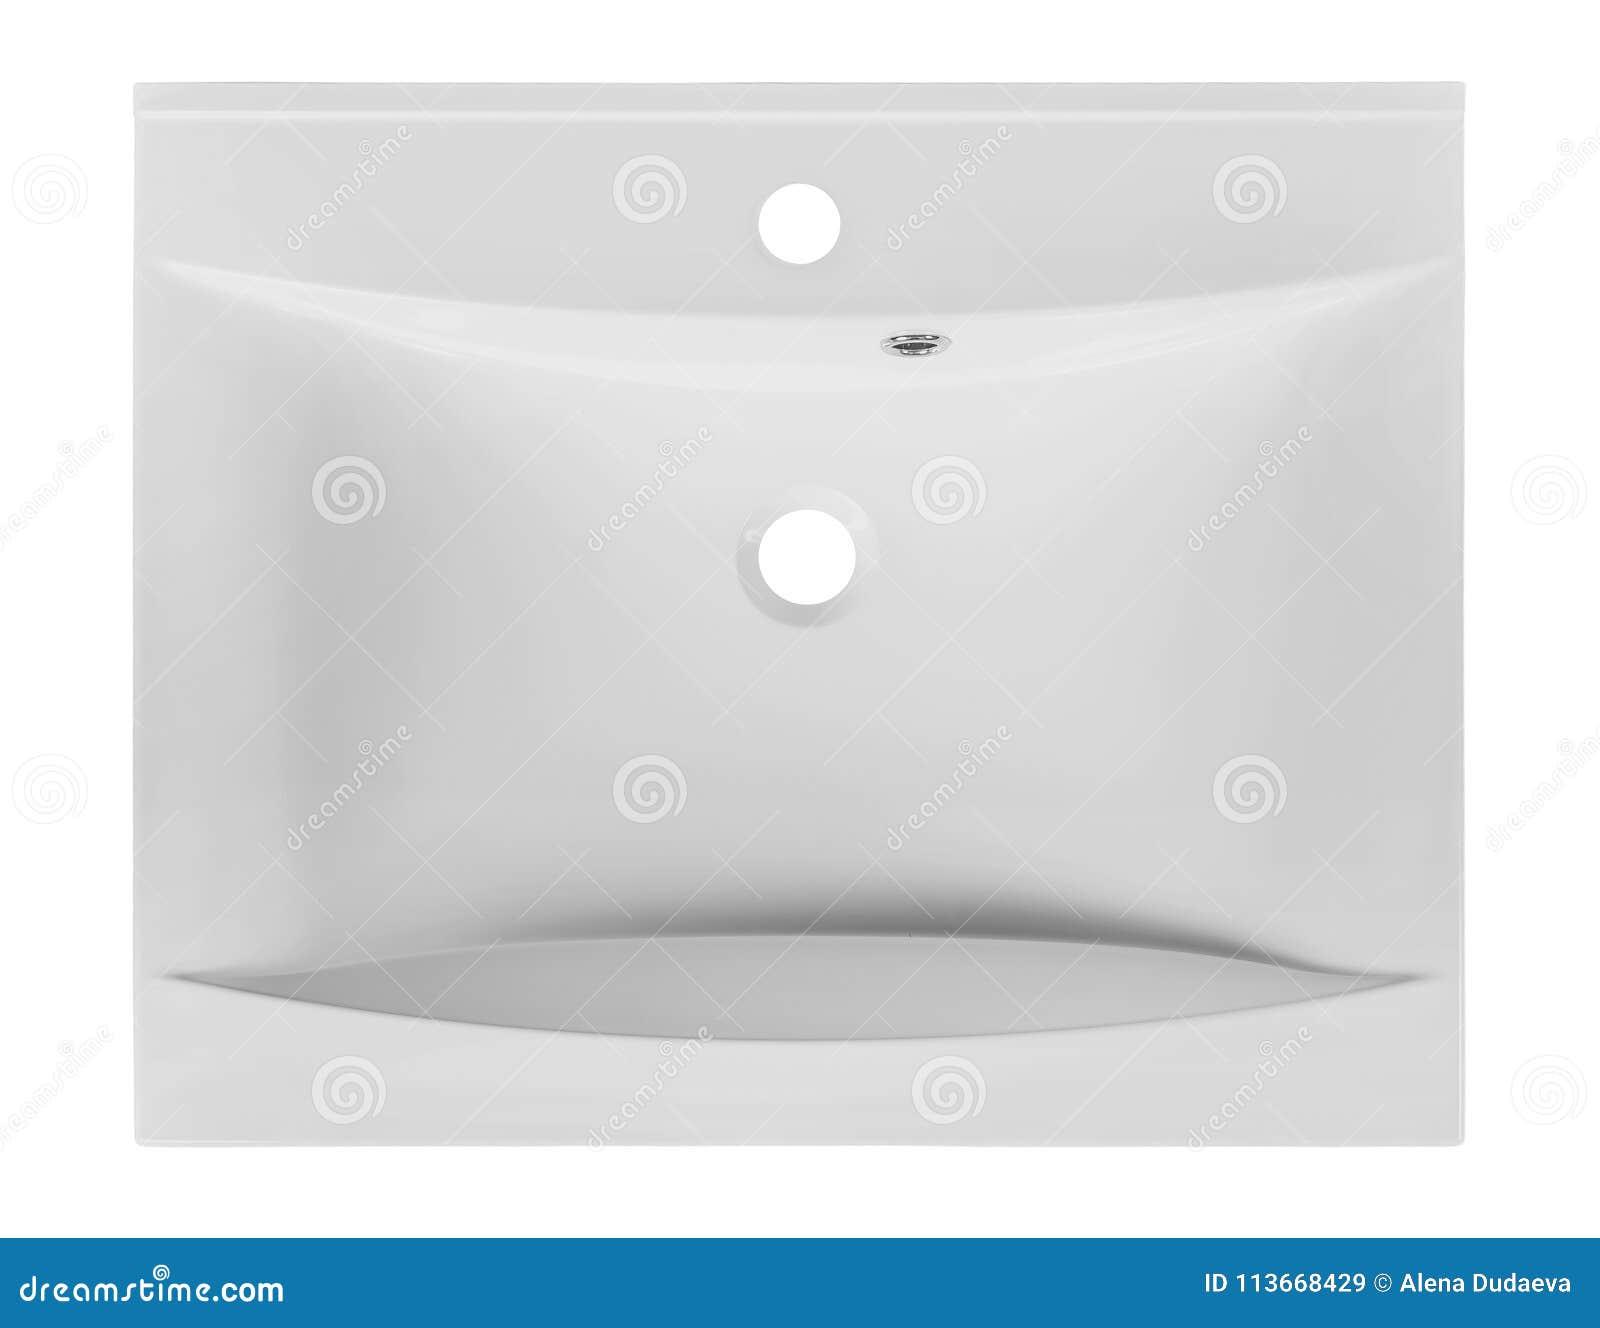 Lavabo Moderne Rectangulaire Blanc Dans La Salle De Bains D ...